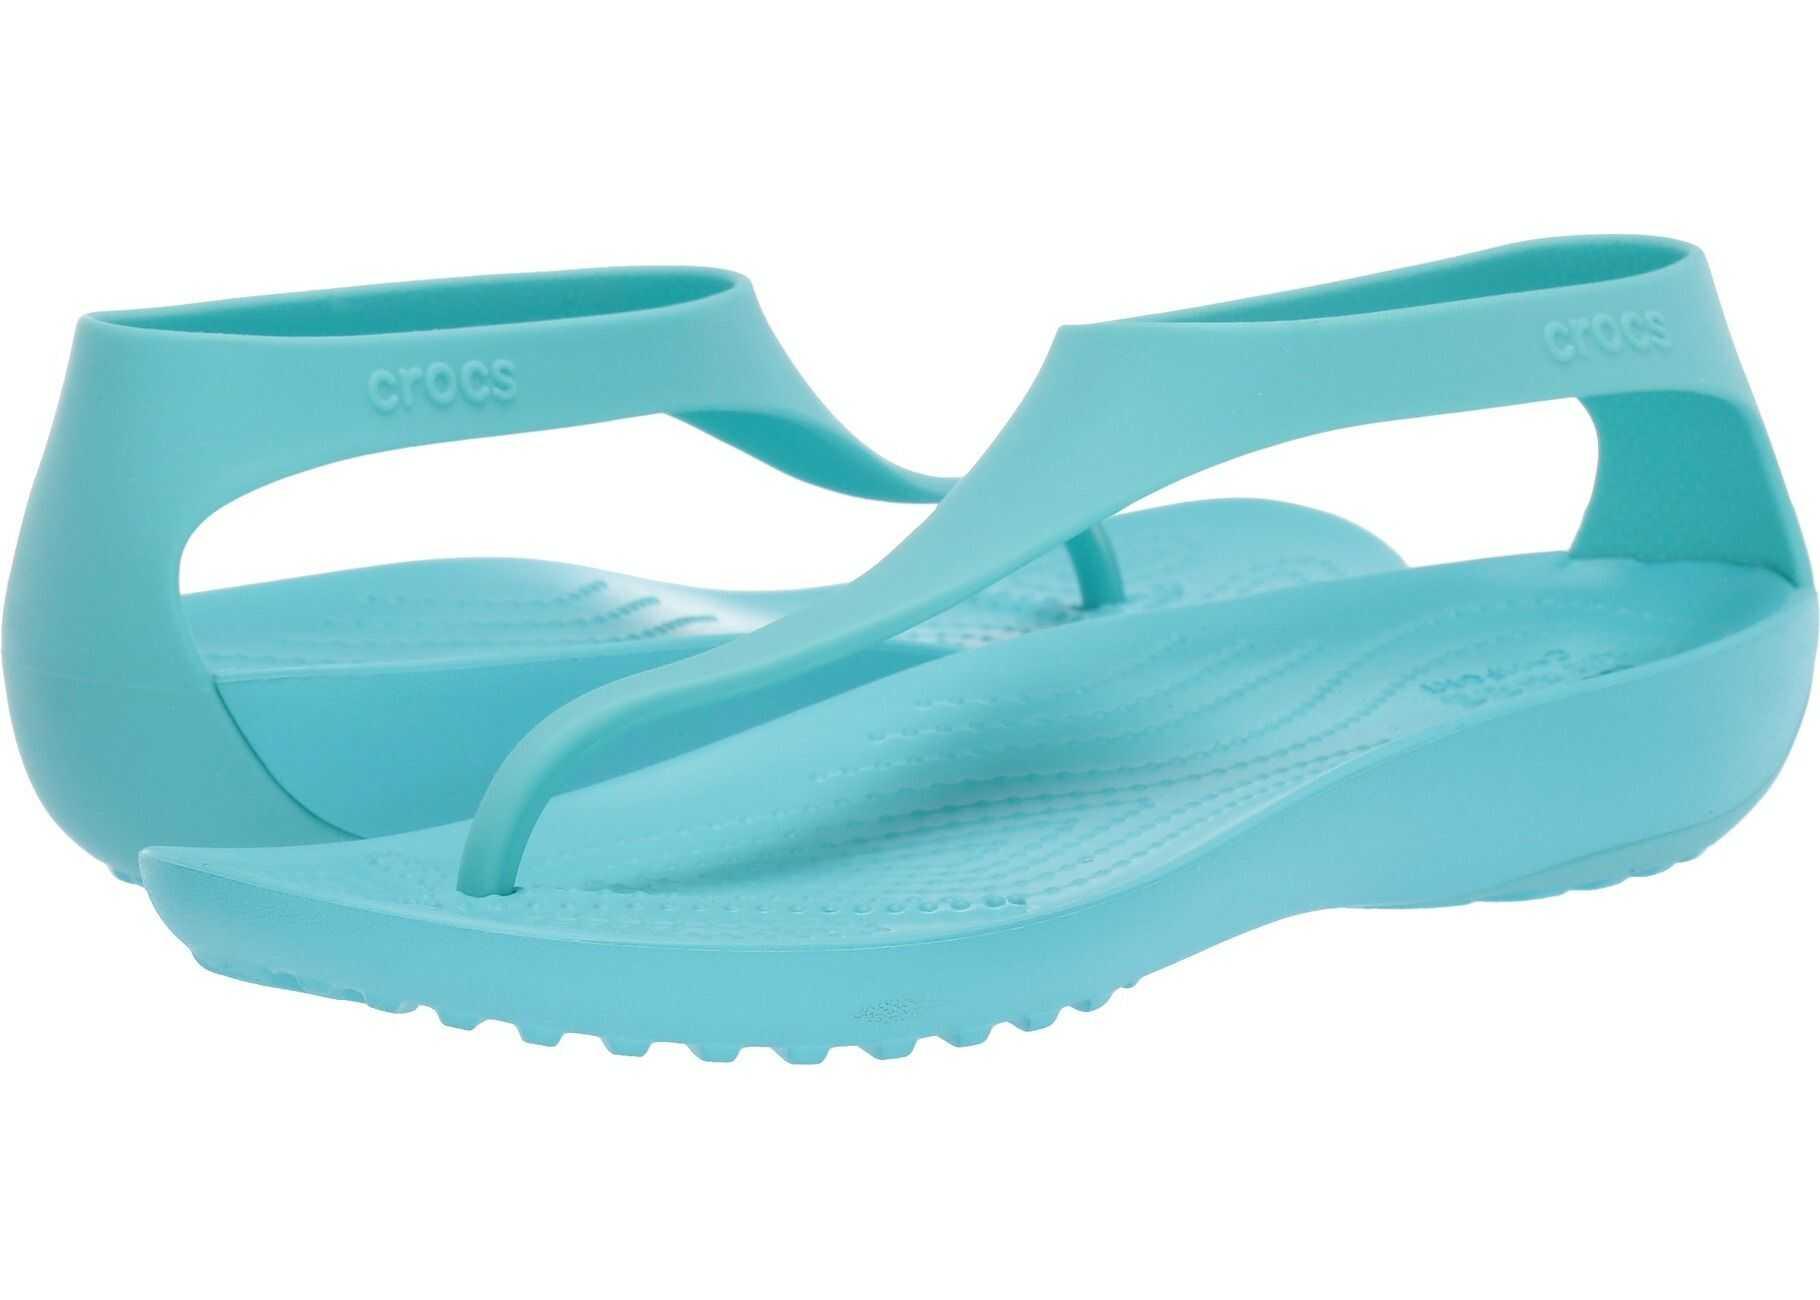 Crocs Serena Flip Pool